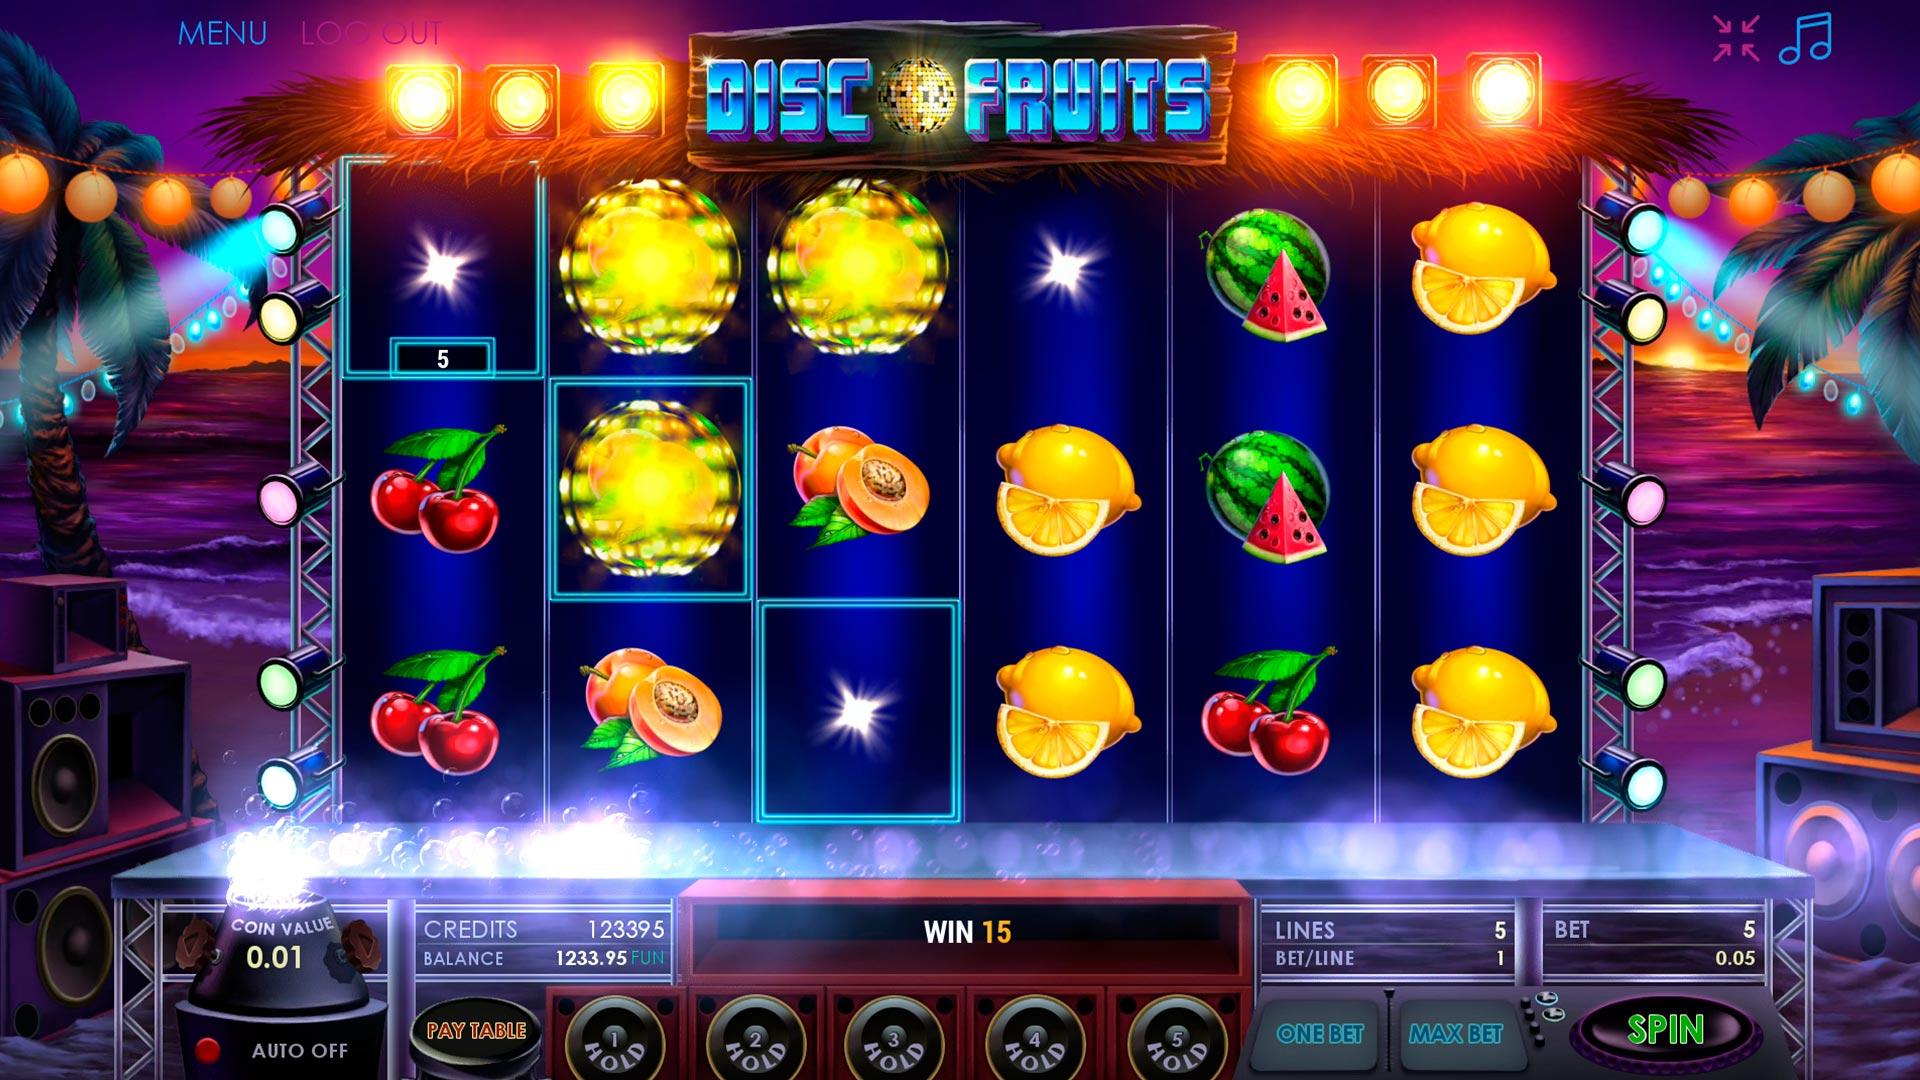 новые игры казино играть бесплатно